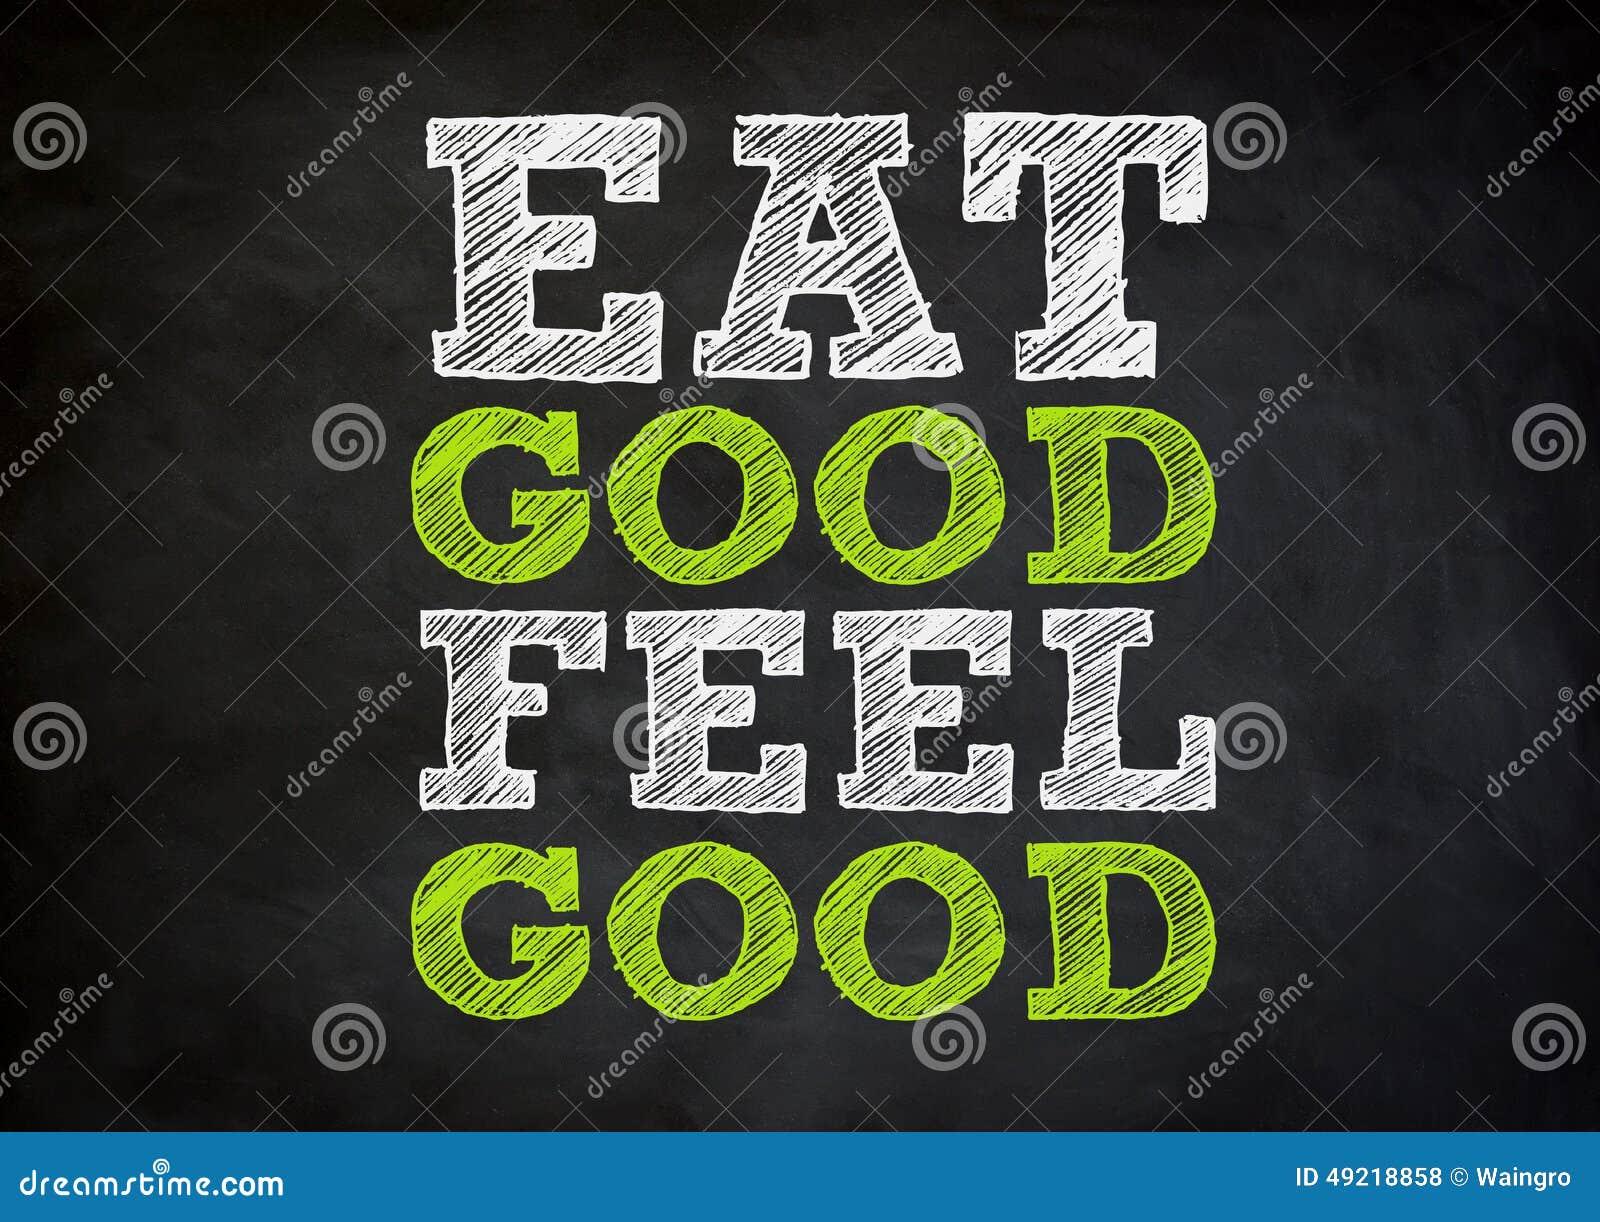 eat healthy feel great pdf